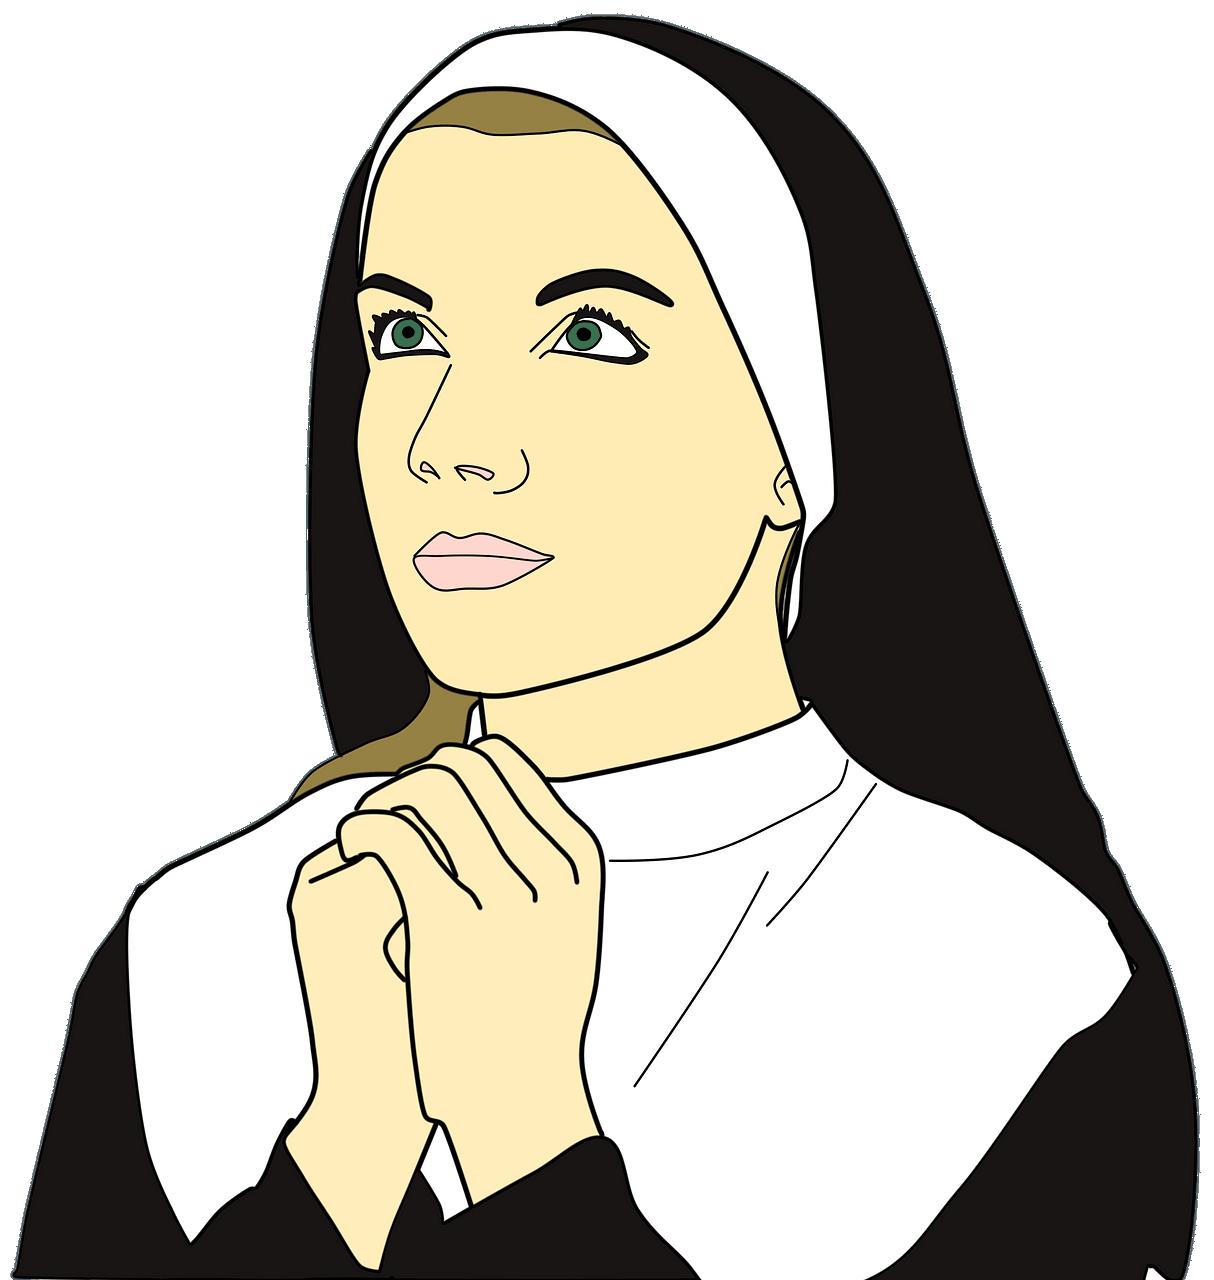 Nun praying clipart. Free download..